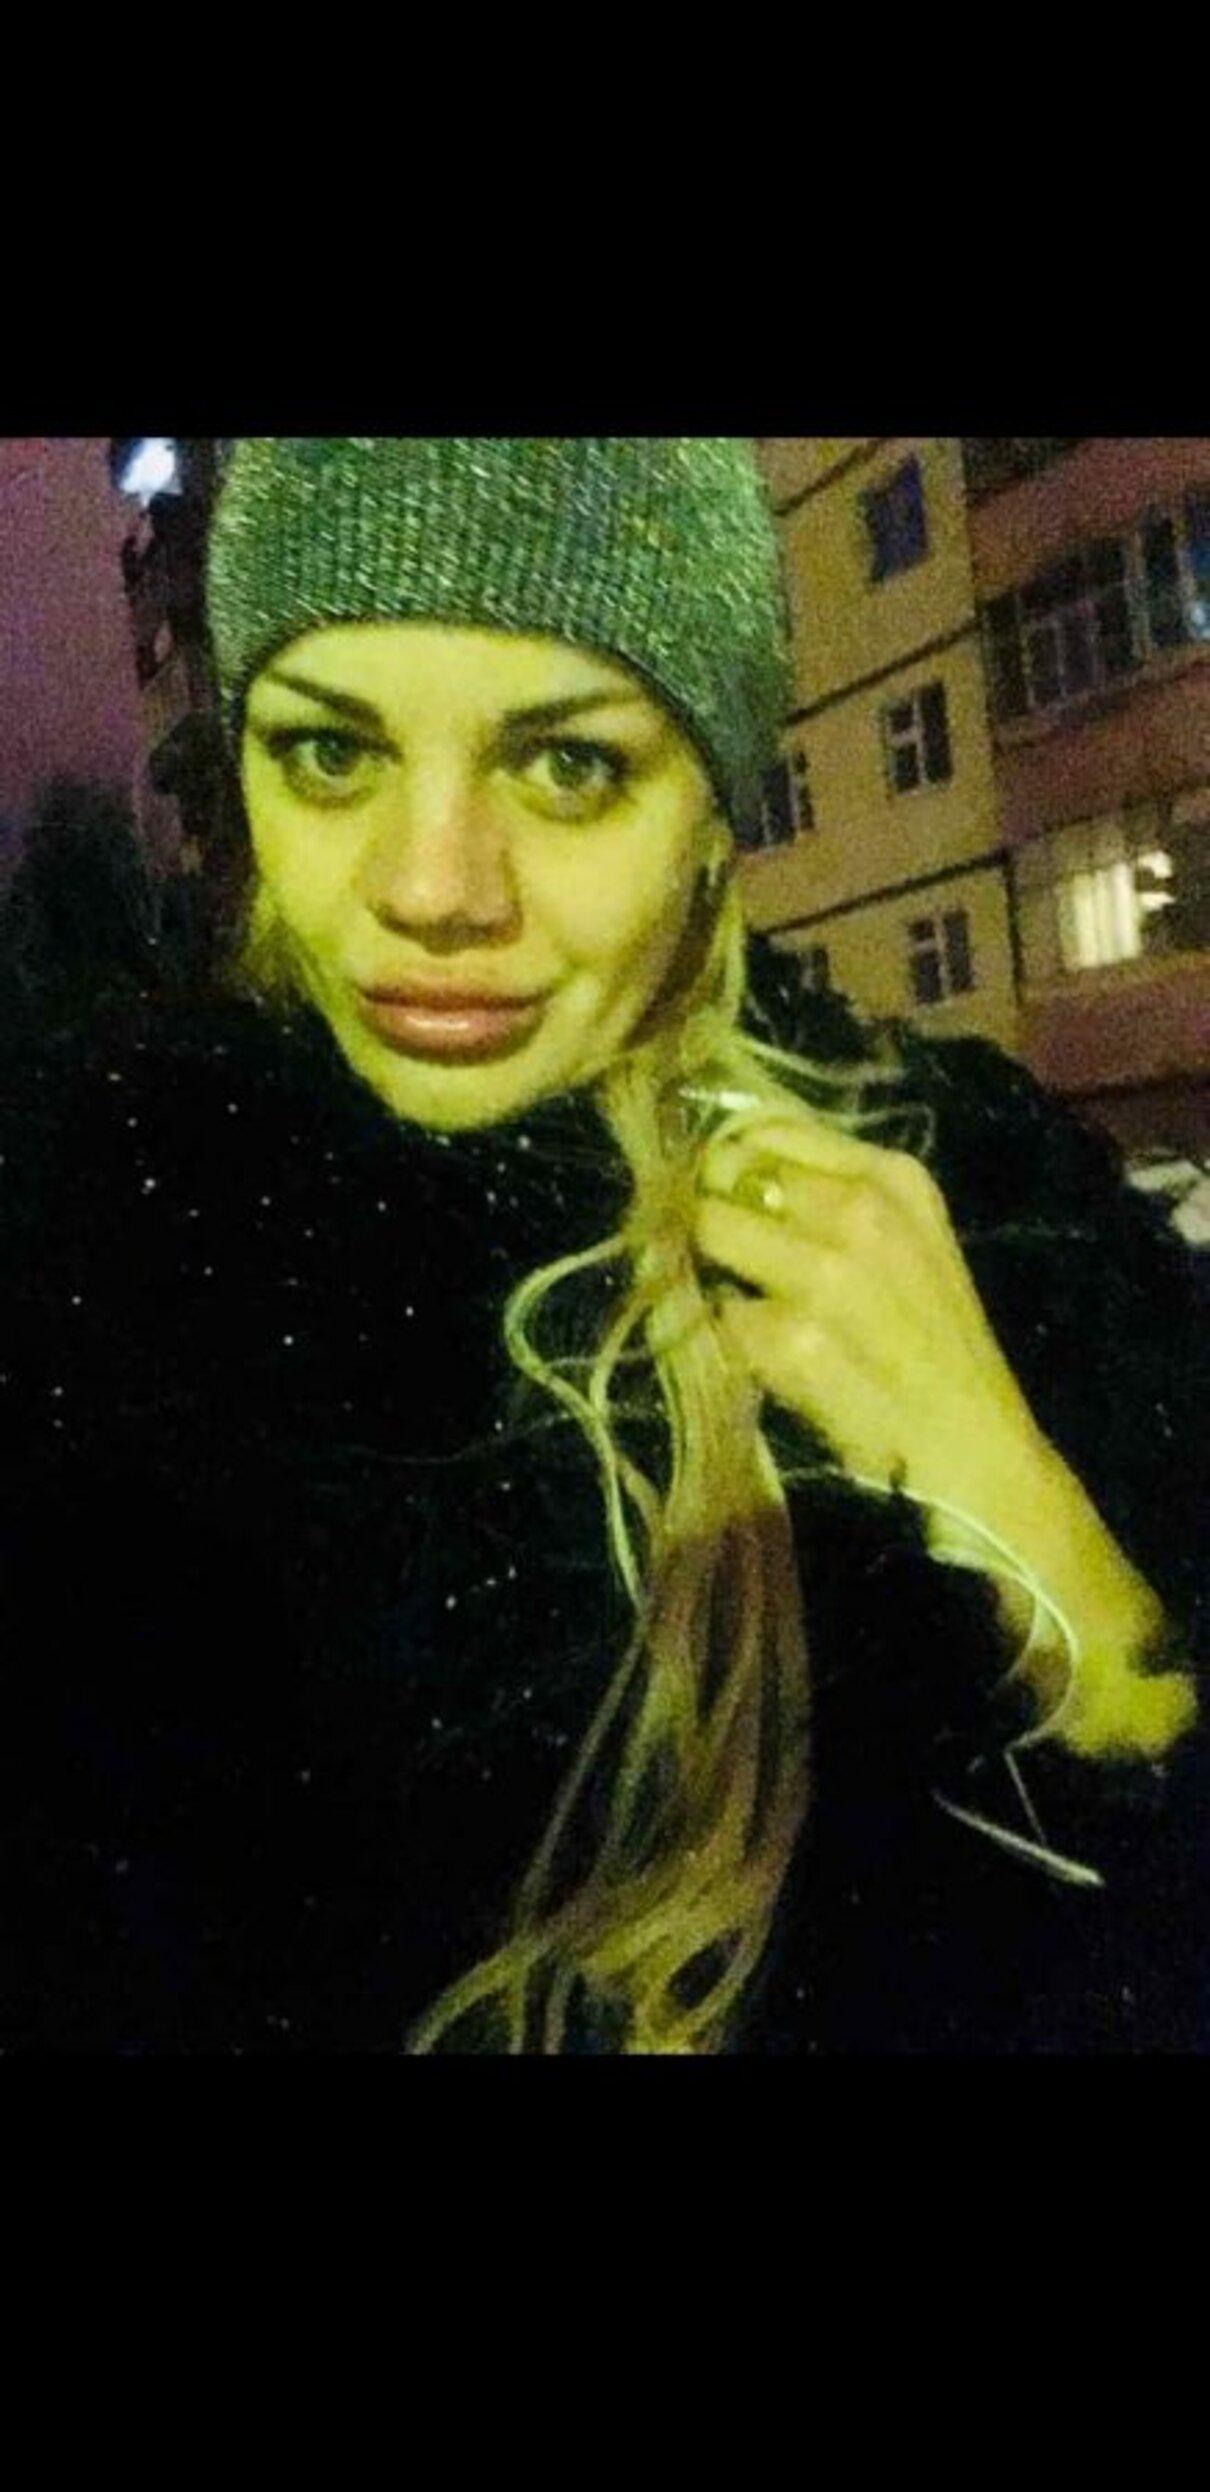 Жалоба-отзыв: Конопля Маргарита Сергеевна - МОШЕННИЦА! БУДЬТЕ СОТОРОЖНЫ!.  Фото №2